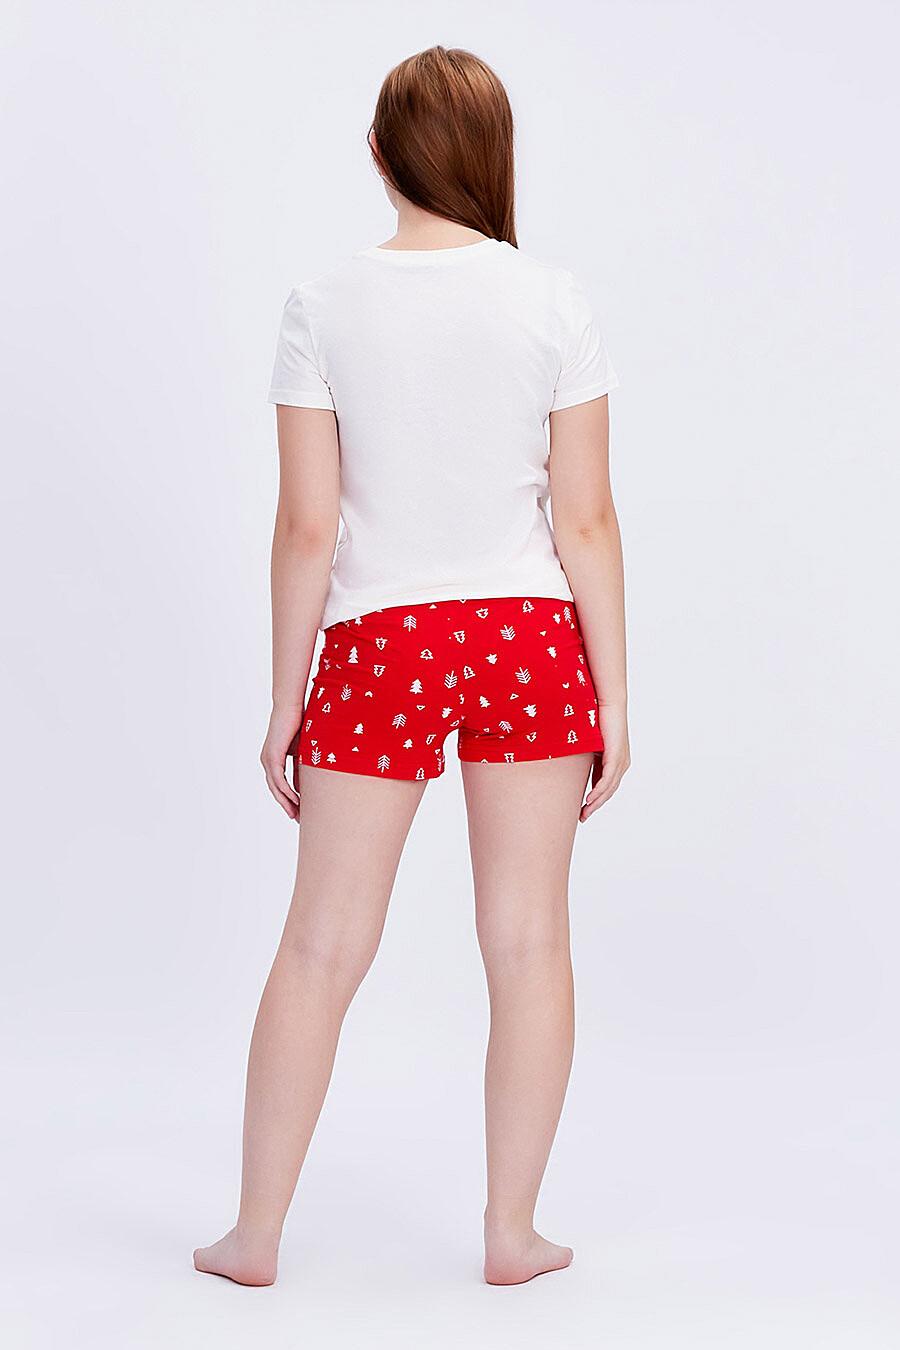 Комплект (Футболка+Шорты) для девочек ROXY FOXY 707356 купить оптом от производителя. Совместная покупка детской одежды в OptMoyo